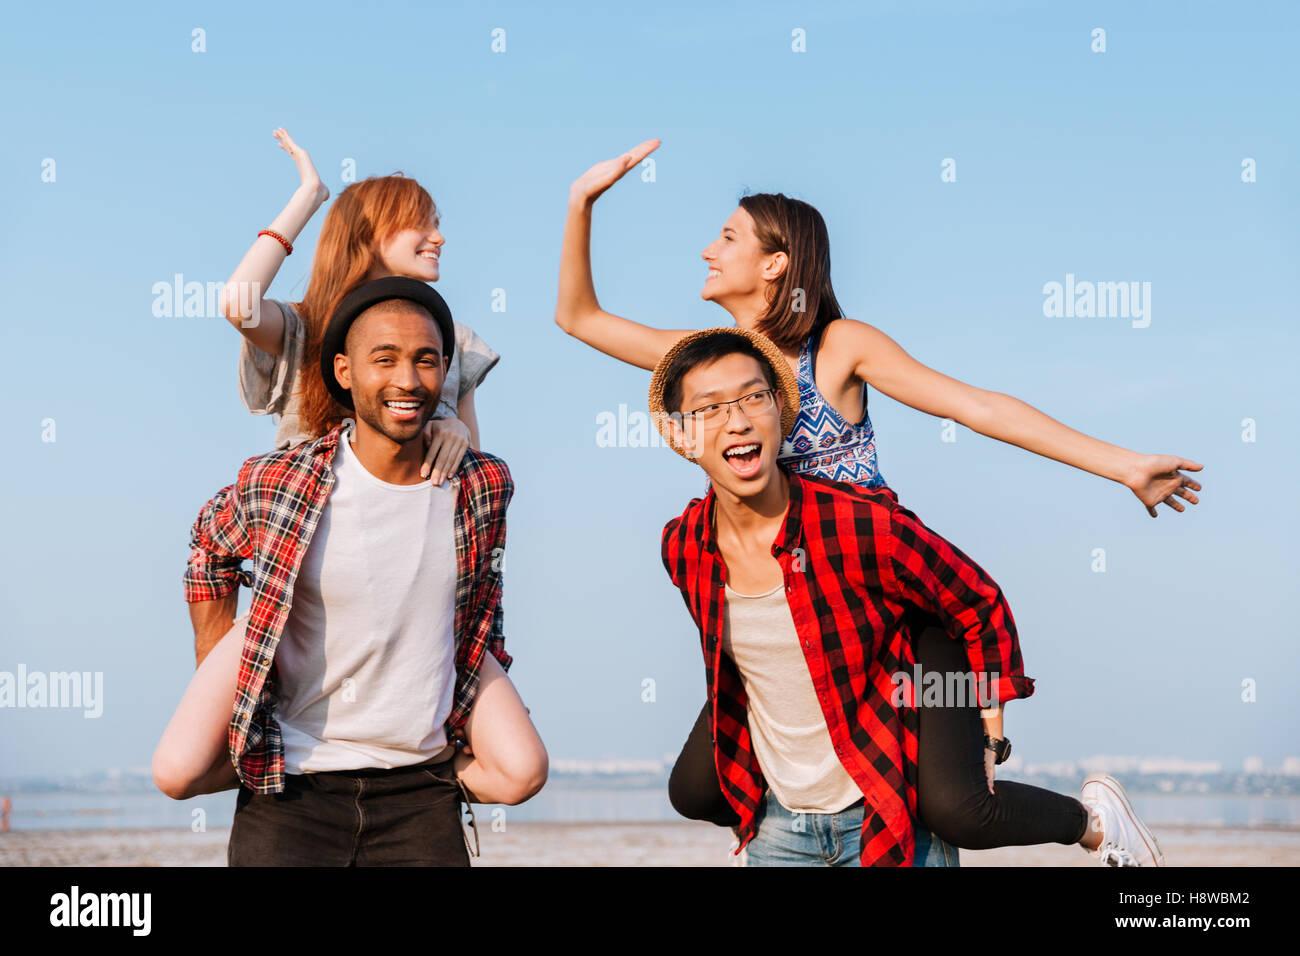 Due felici coppie giovani dando alta cinque e divertimento all'aperto Immagini Stock